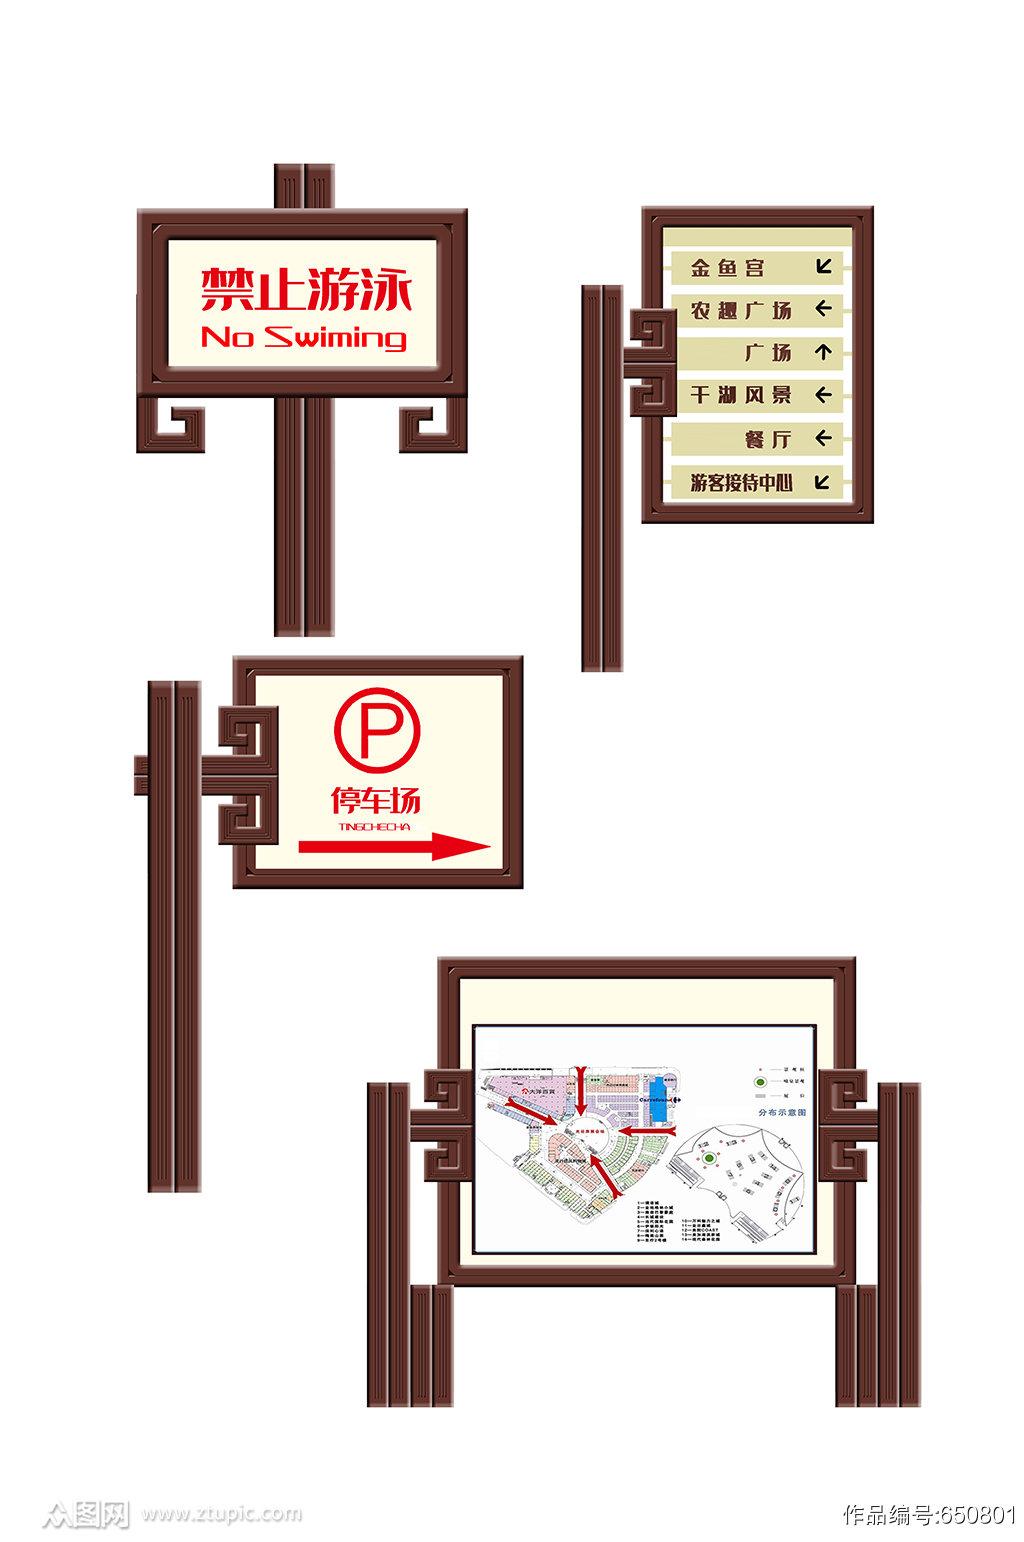 江南庭院古镇景区导视素材